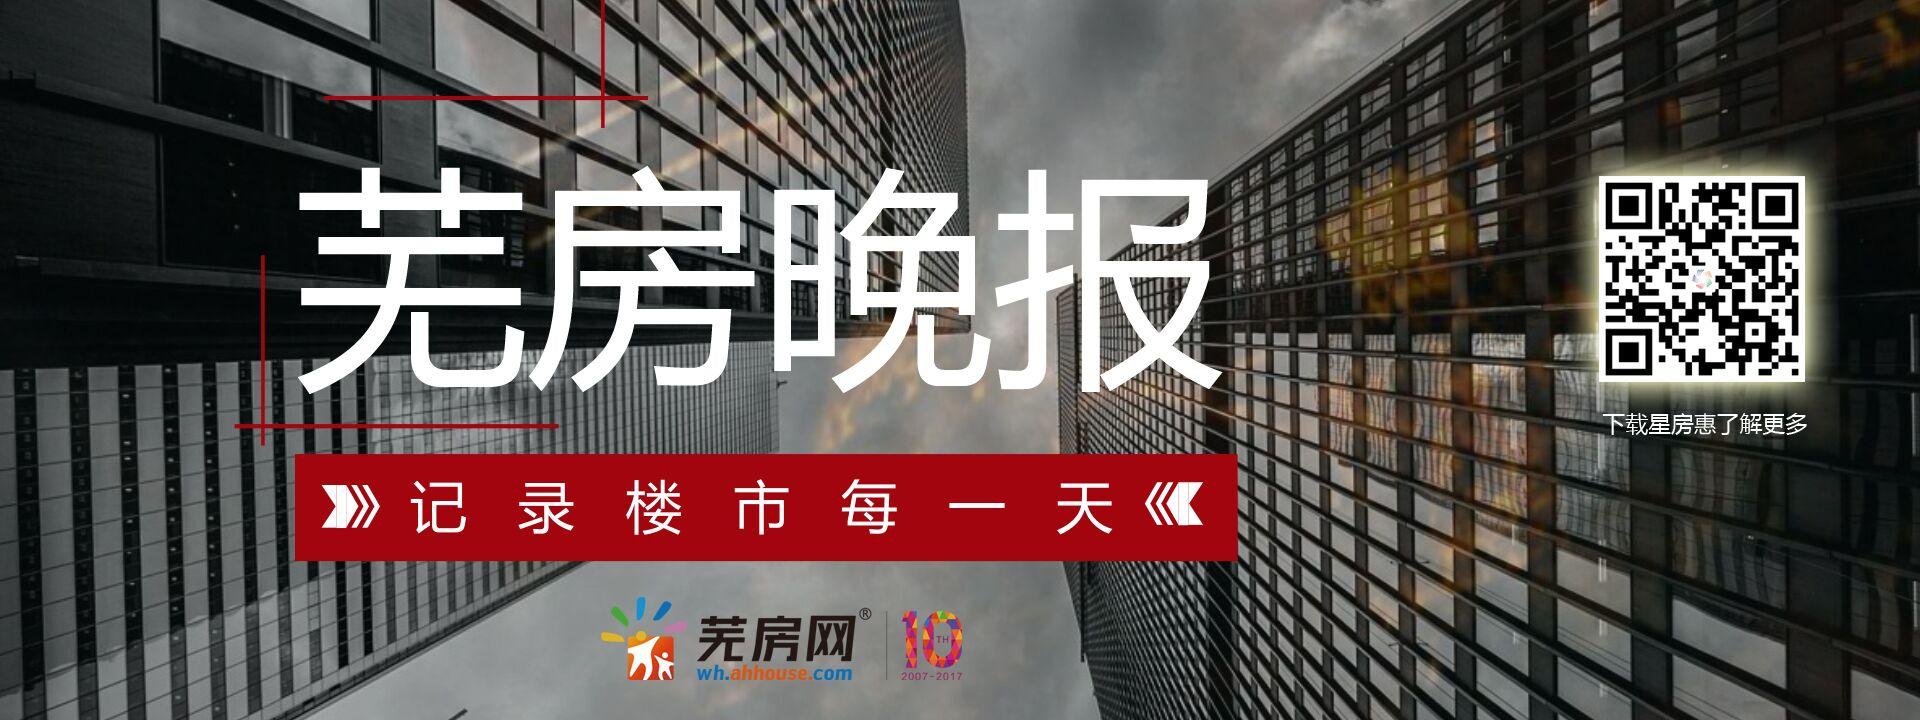 5.23芜房晚报:5月芜湖这些项目即将首开!